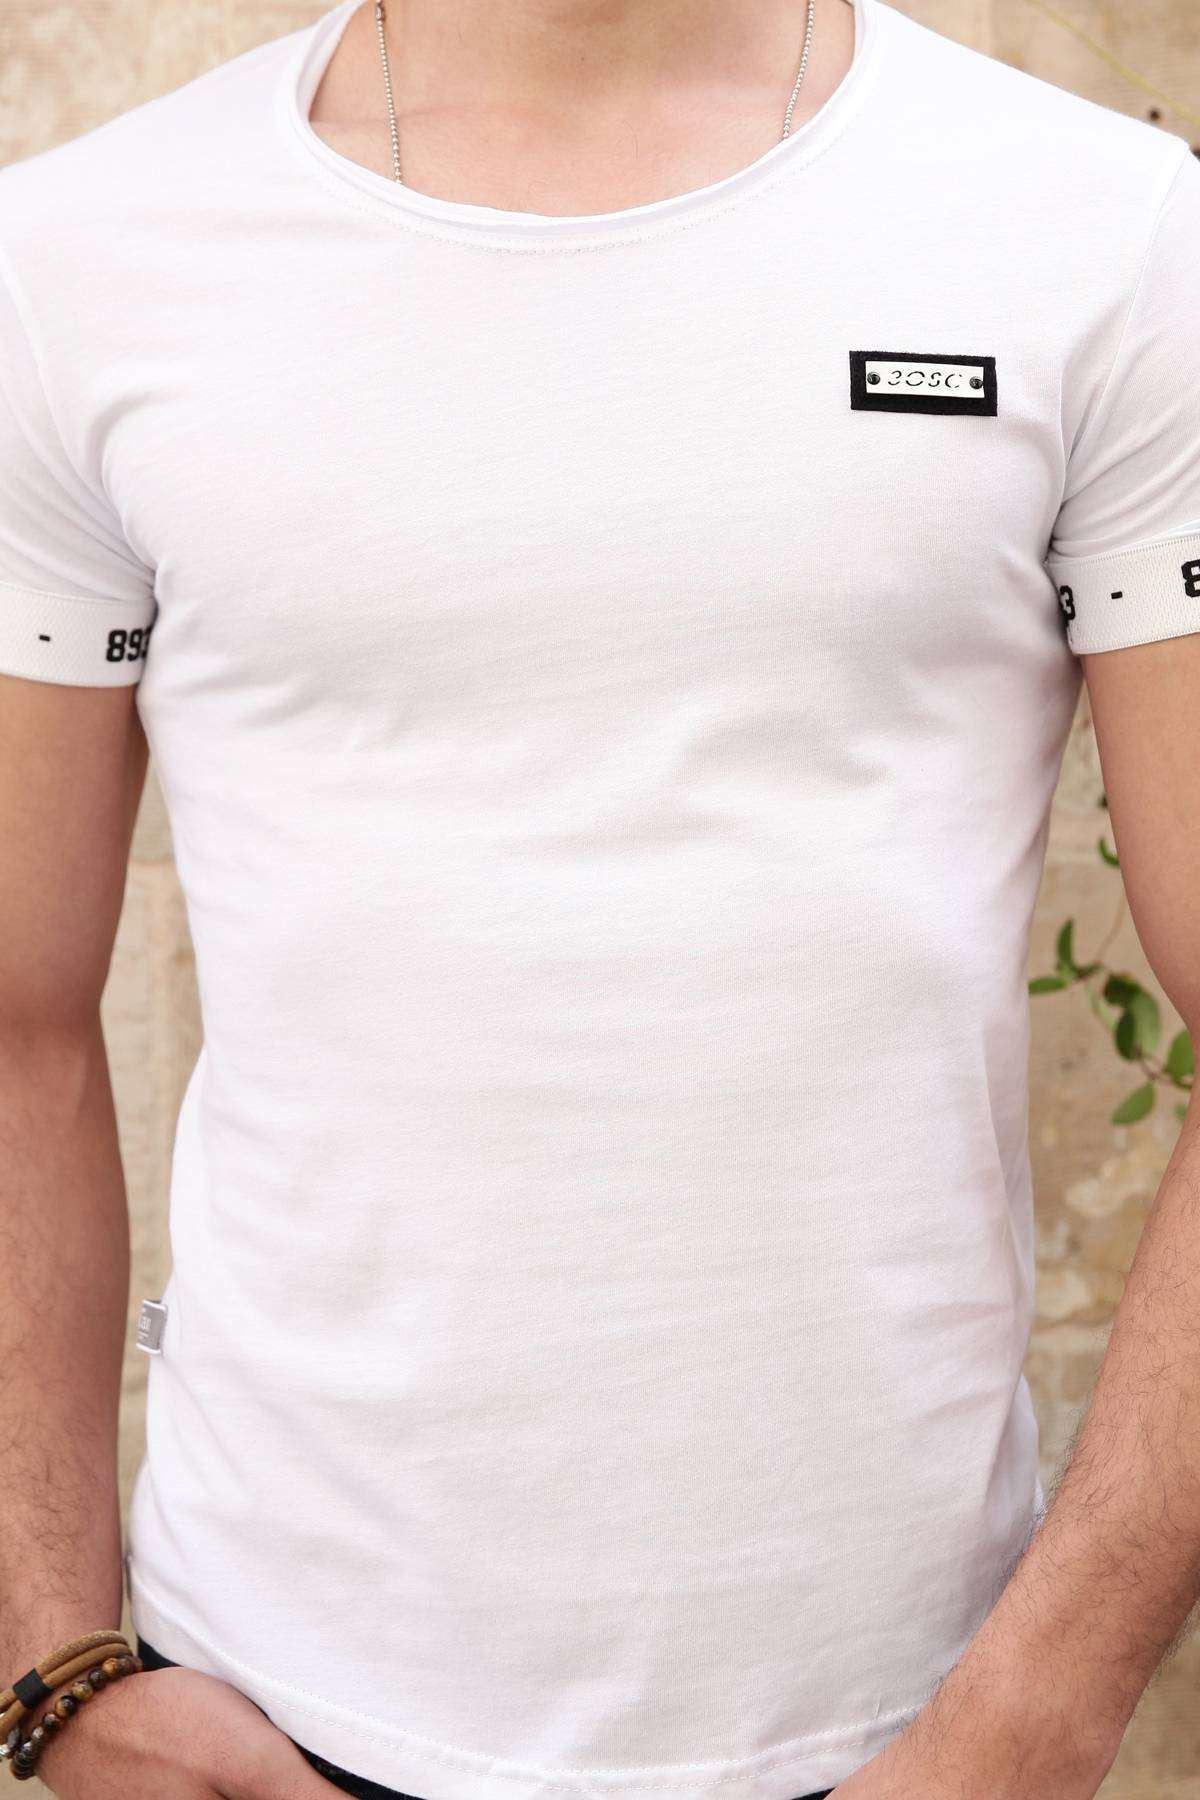 Kol Ucu Lastıkli 893 Baskılı Pis Yaka Tişört Beyaz